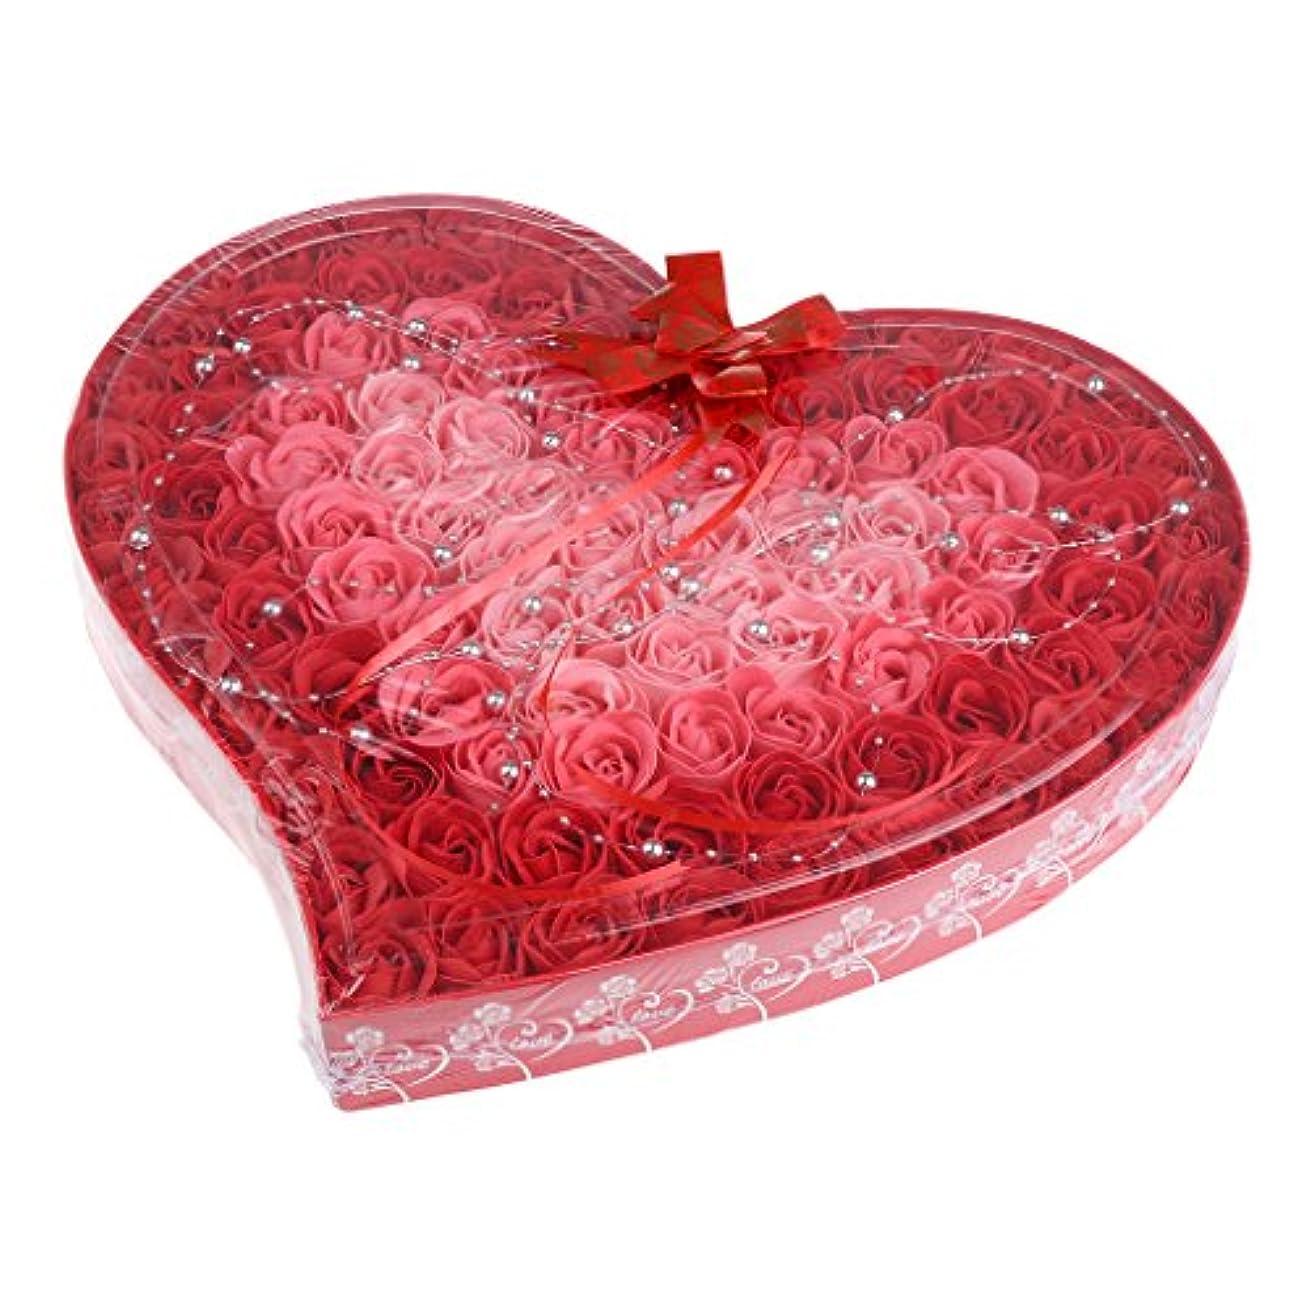 潜むメダル秋Perfk ソープフラワー 石鹸花  造花 フラワー ギフトボックス  誕生日 母の日 記念日 先生の日 バレンタインデー プレゼント 全4色選べる - 赤